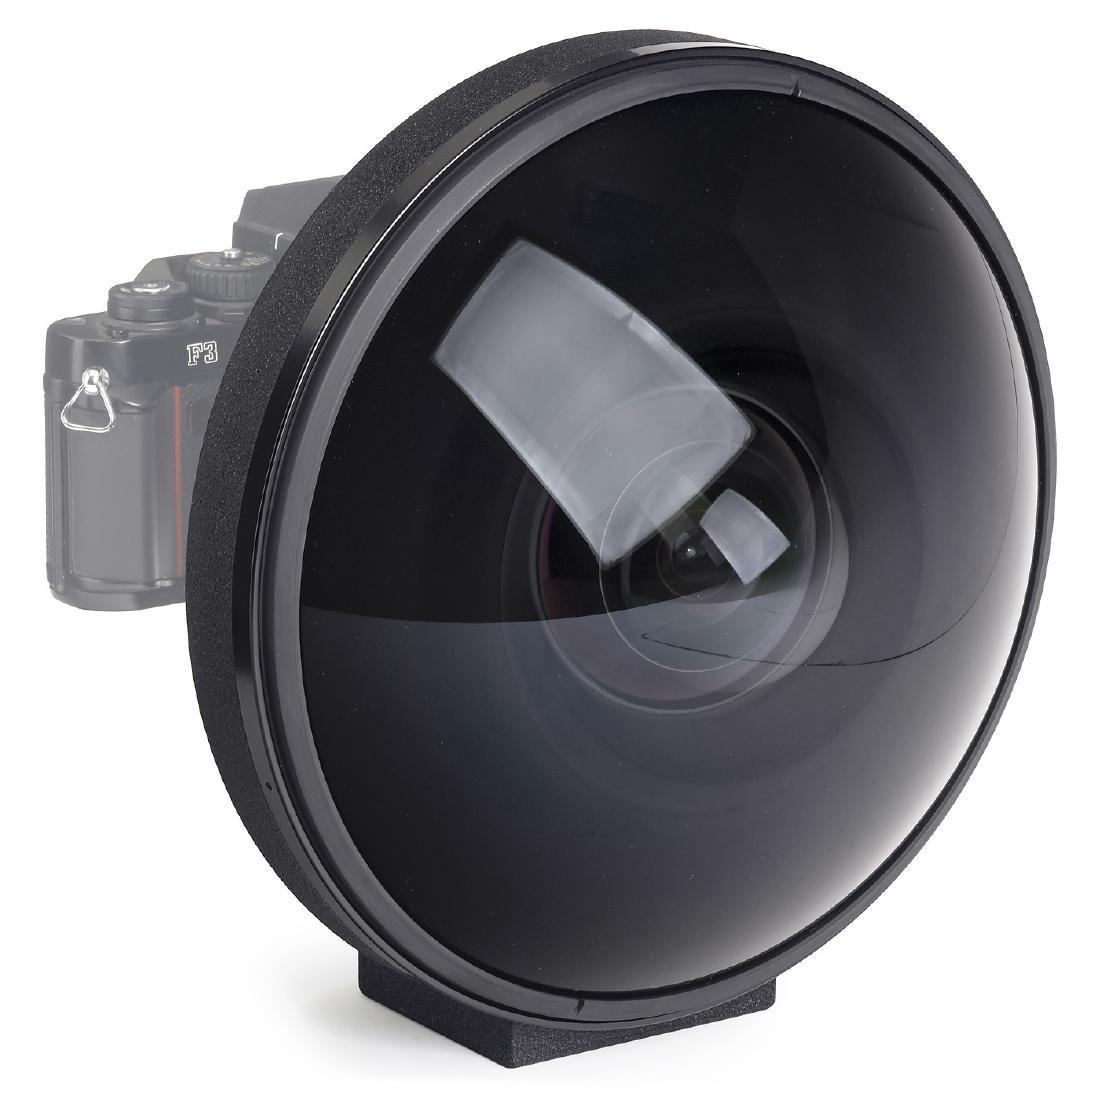 Nikon Fisheye-Nikkor 2,8/6 mm, AI-S, c. 1977 - 4